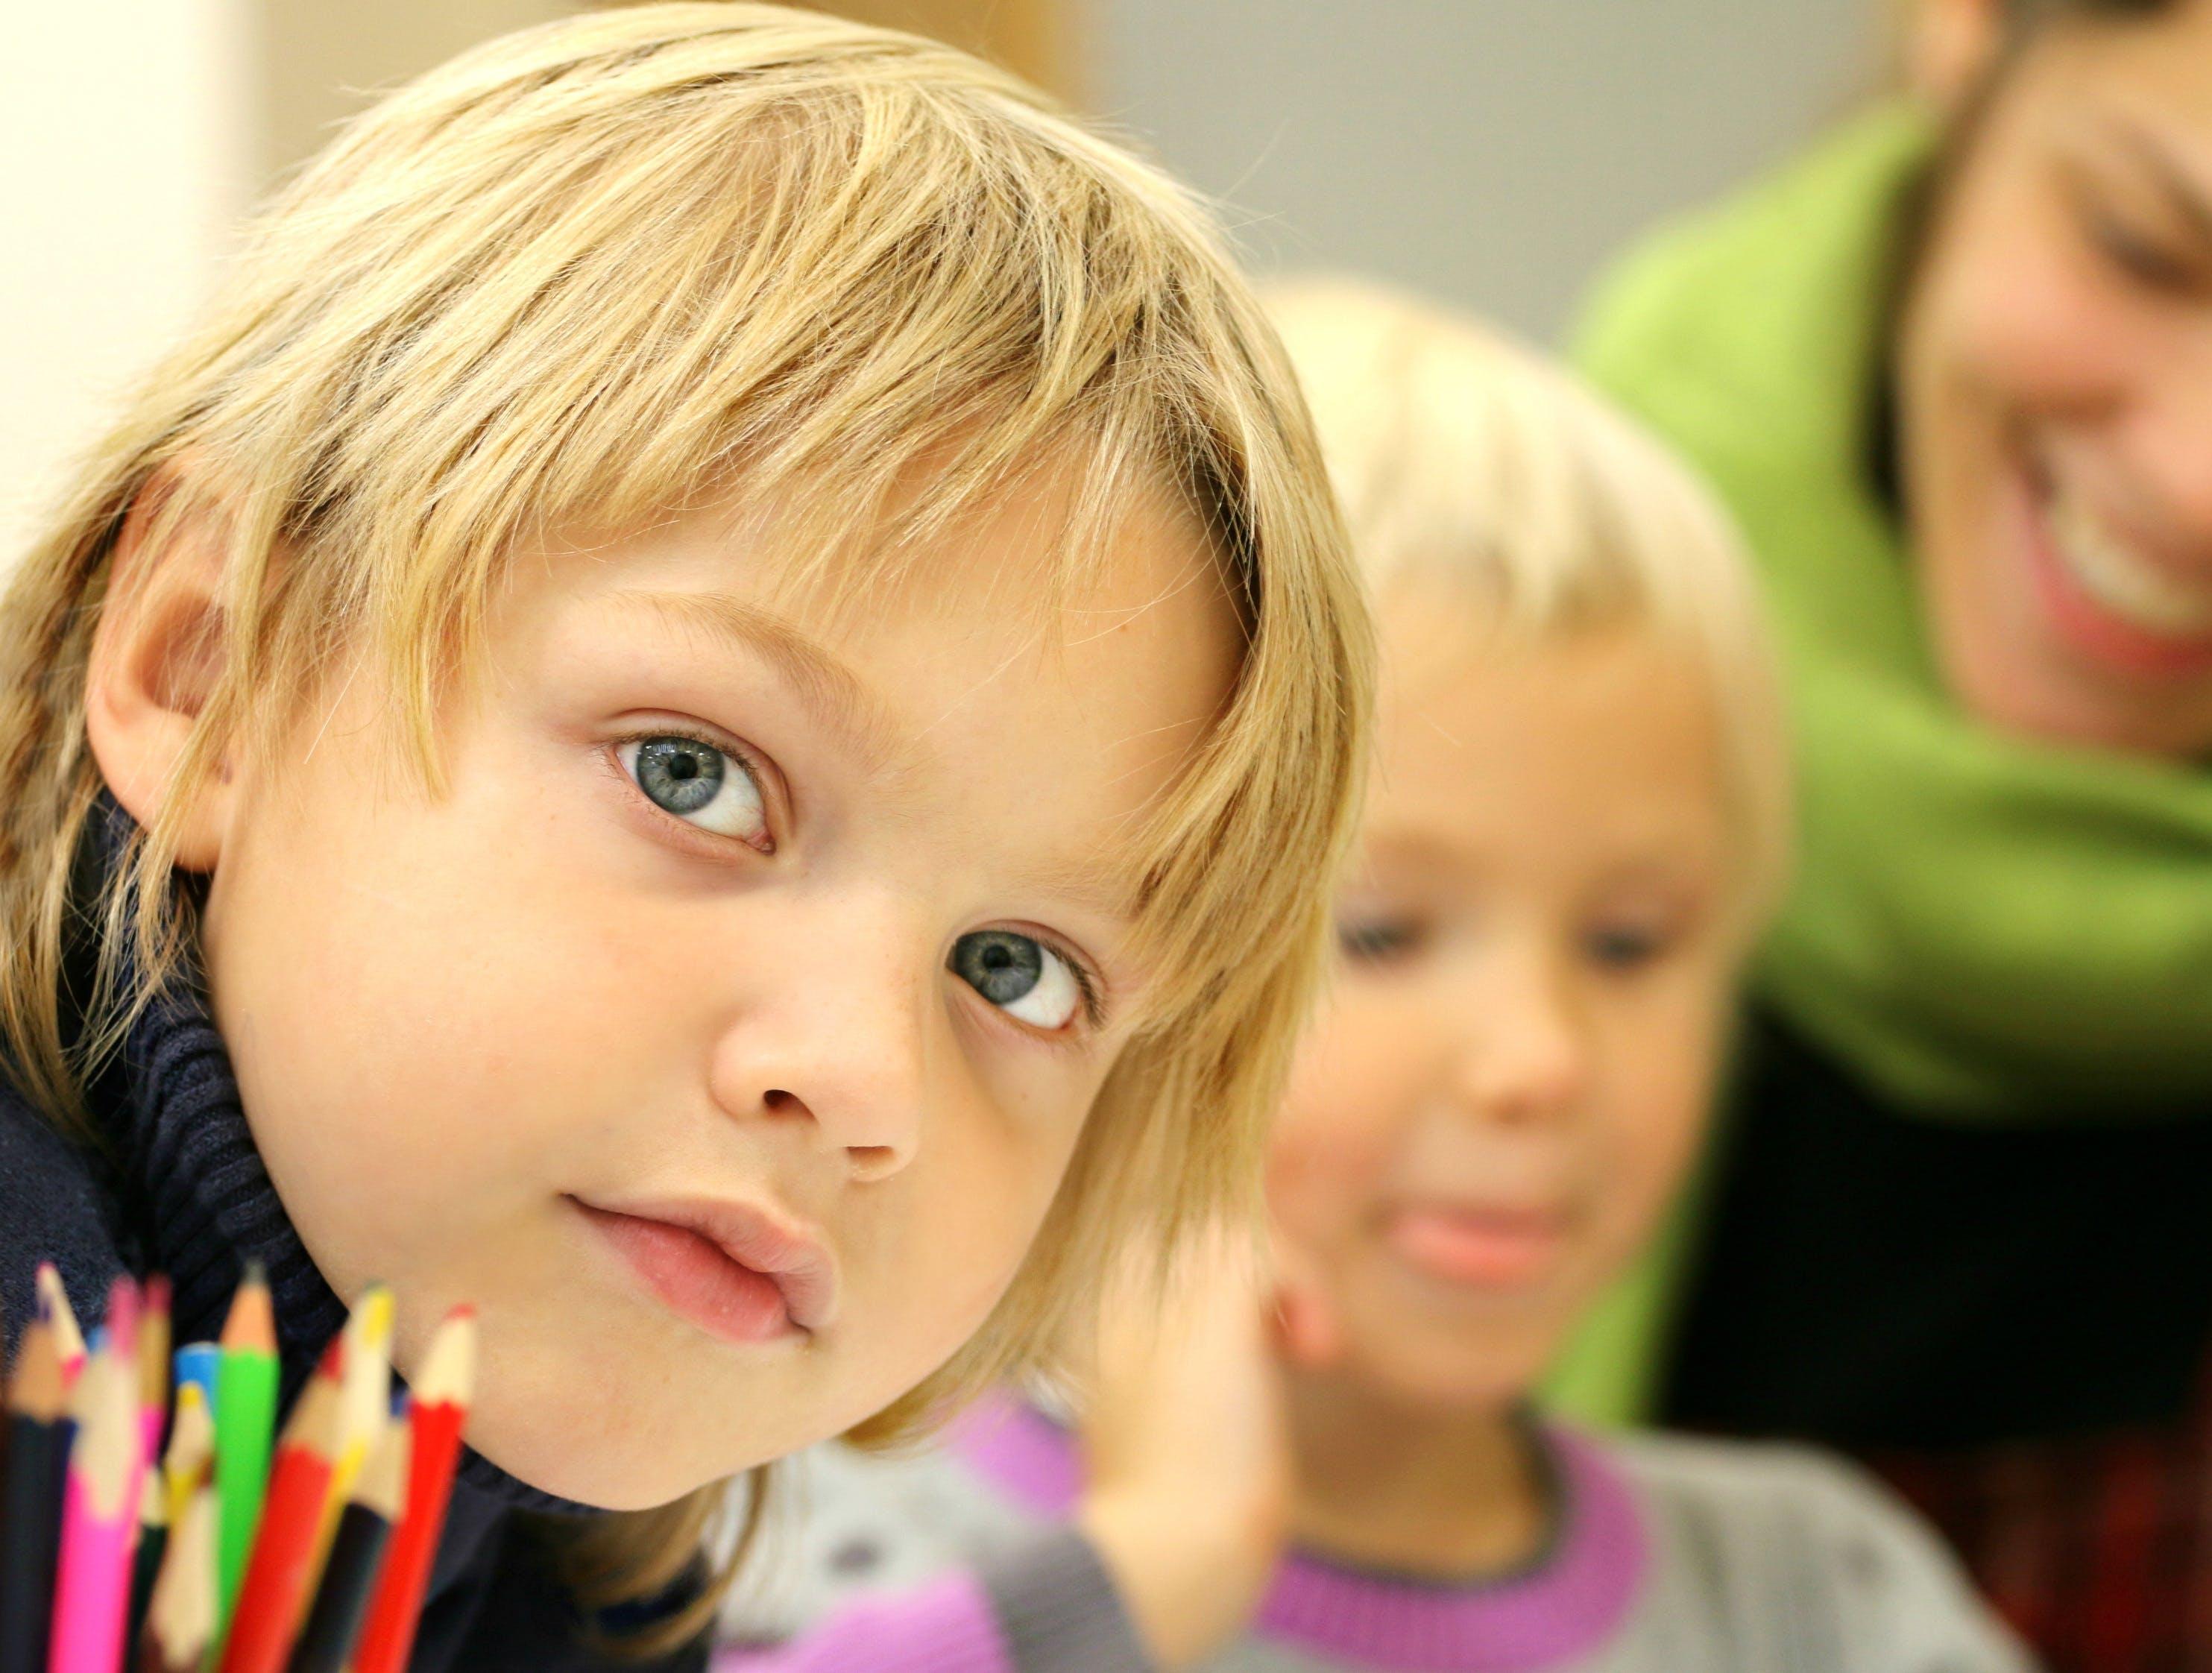 Základová fotografie zdarma na téma chlapec, děti, dětství, dítě